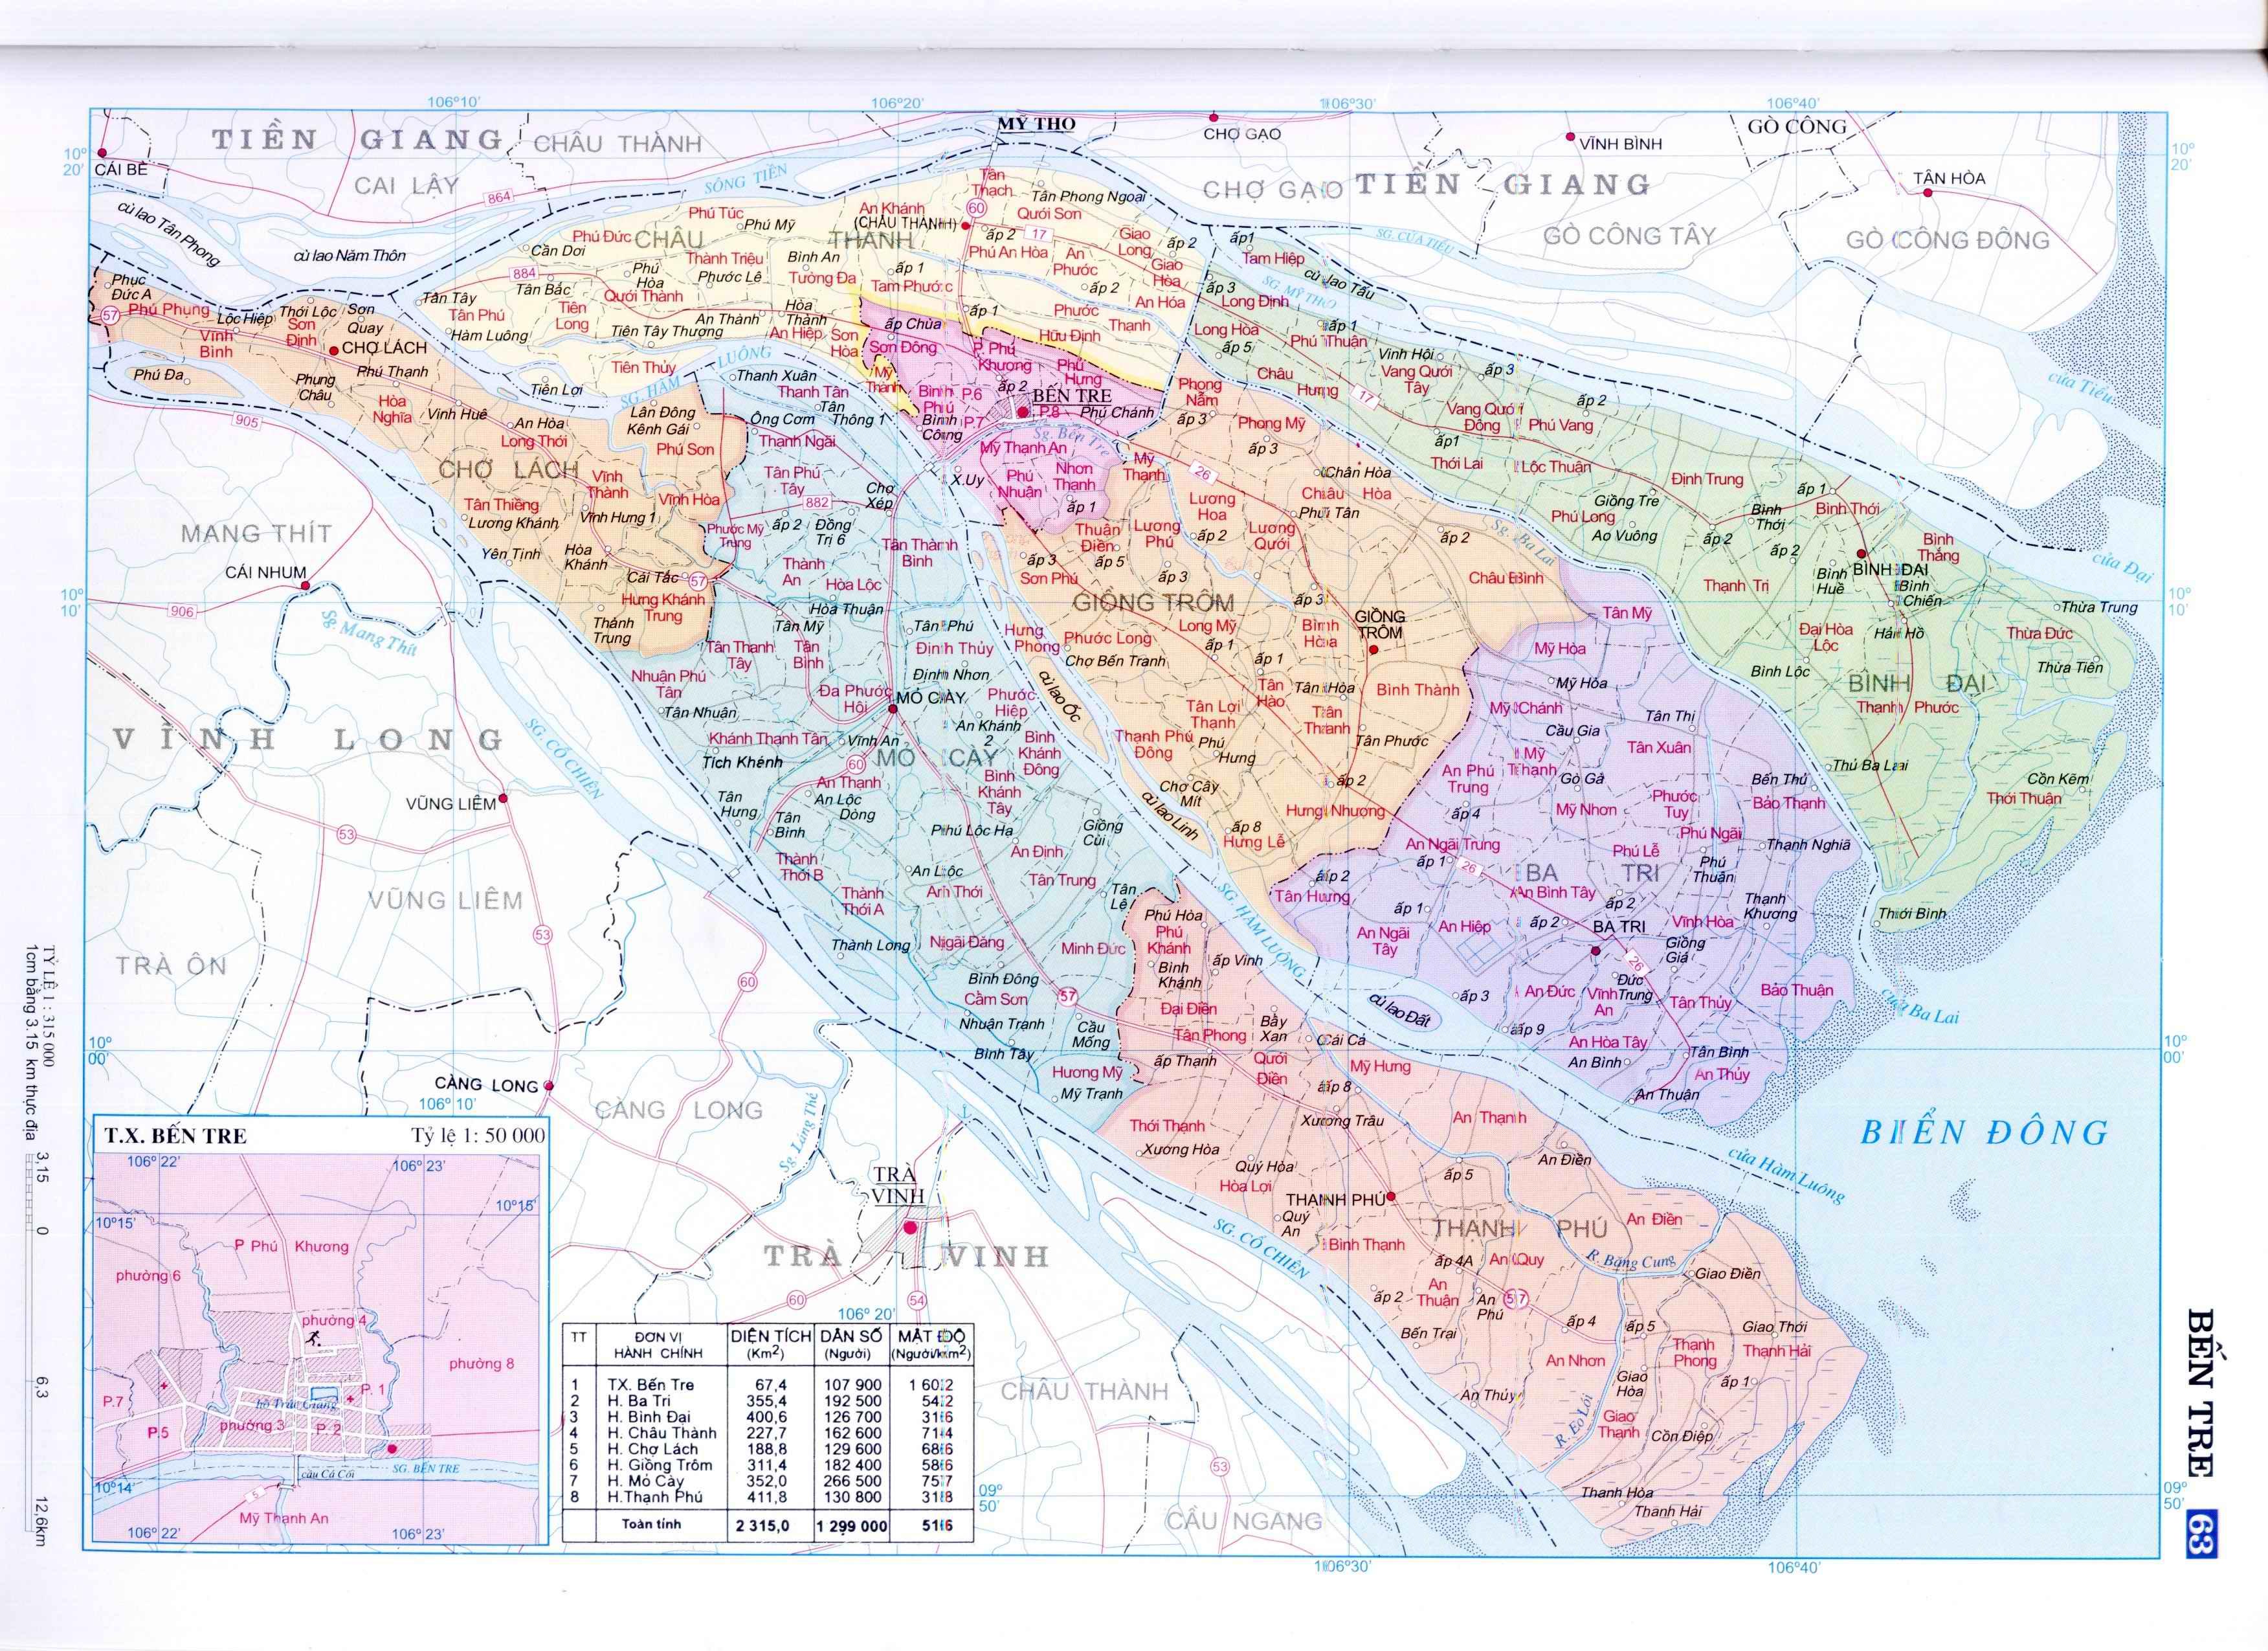 Bản đồ hành chính tỉnh Bến Tre miền Tây nam Bộ